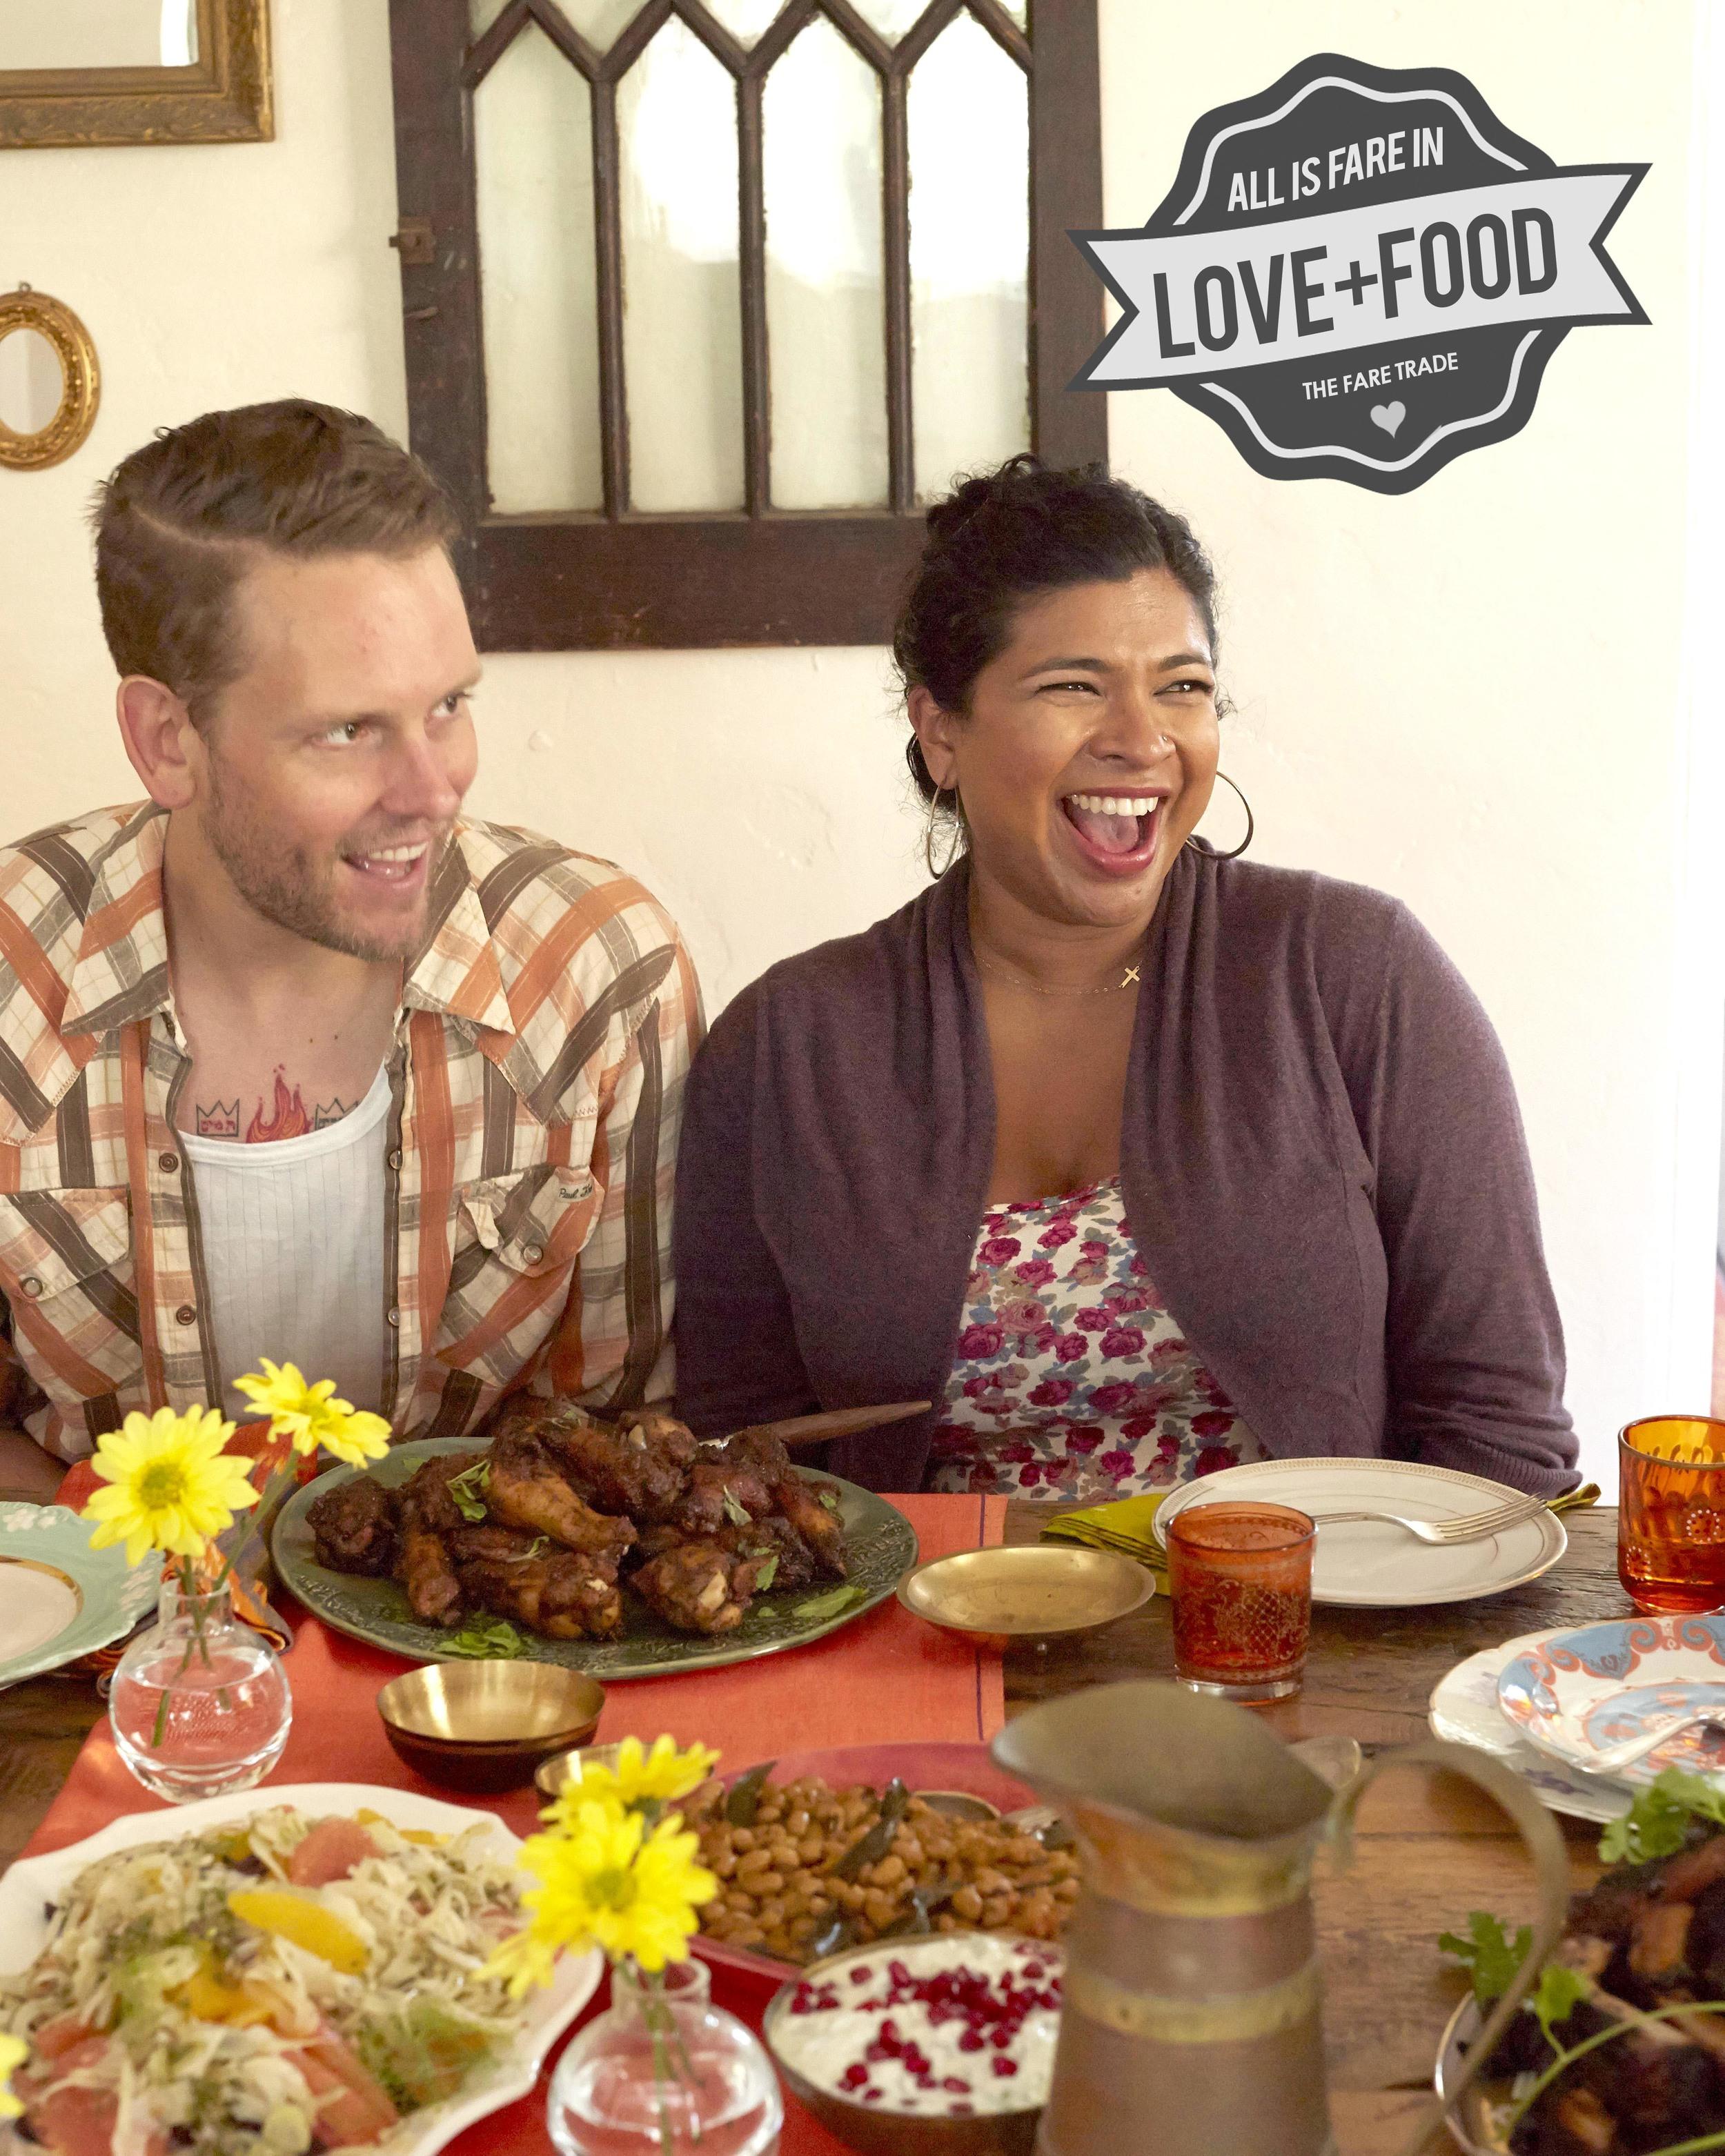 Aarti Sequeira Recipes Food Tv aarti + brendan part i — the faretrade